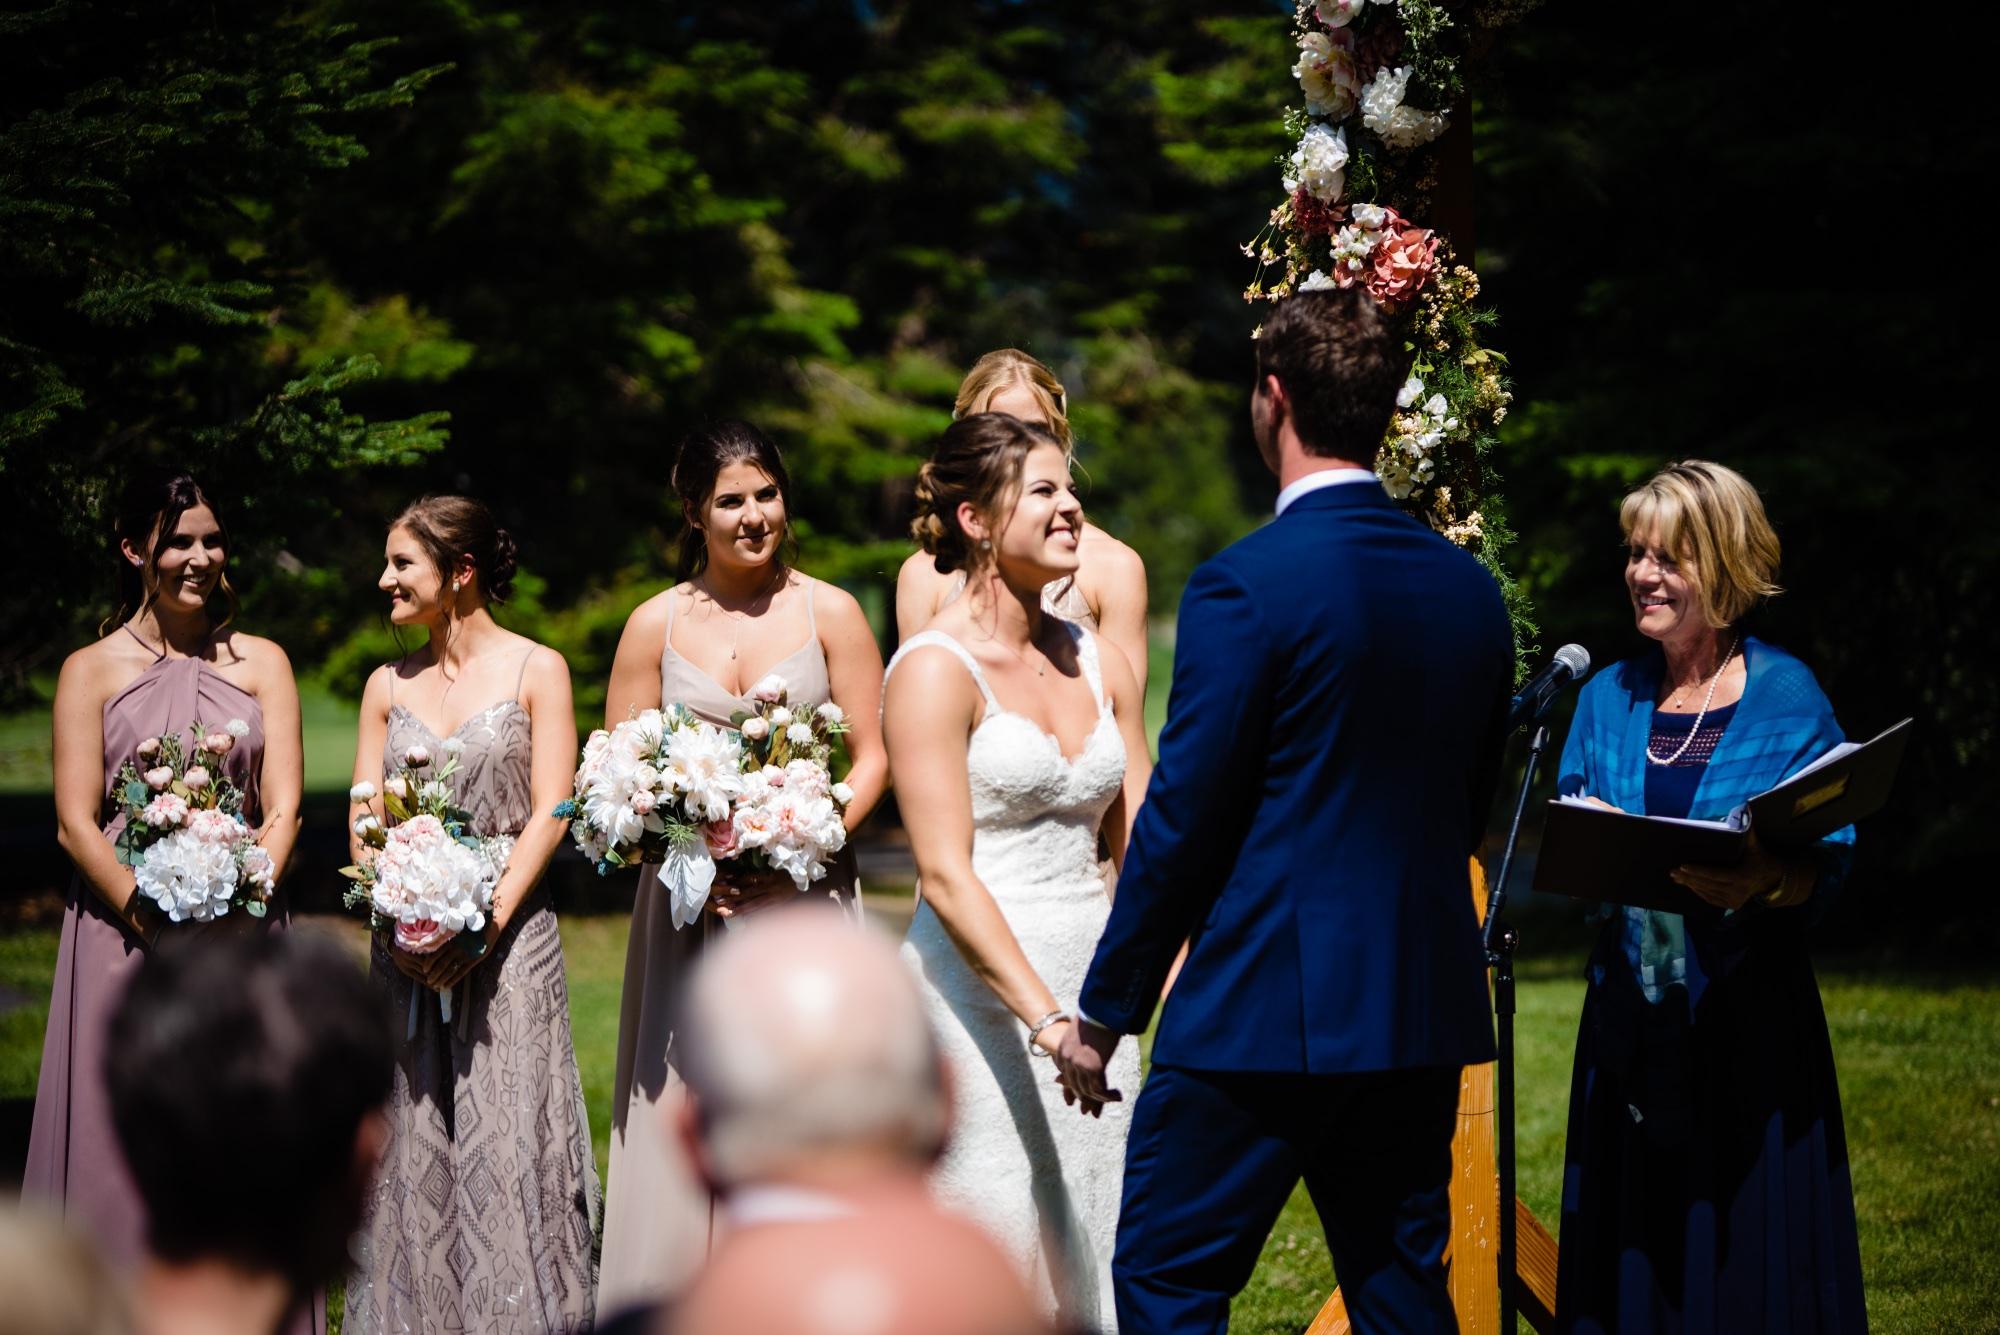 lindseyjanephotography_wedding0020.jpg